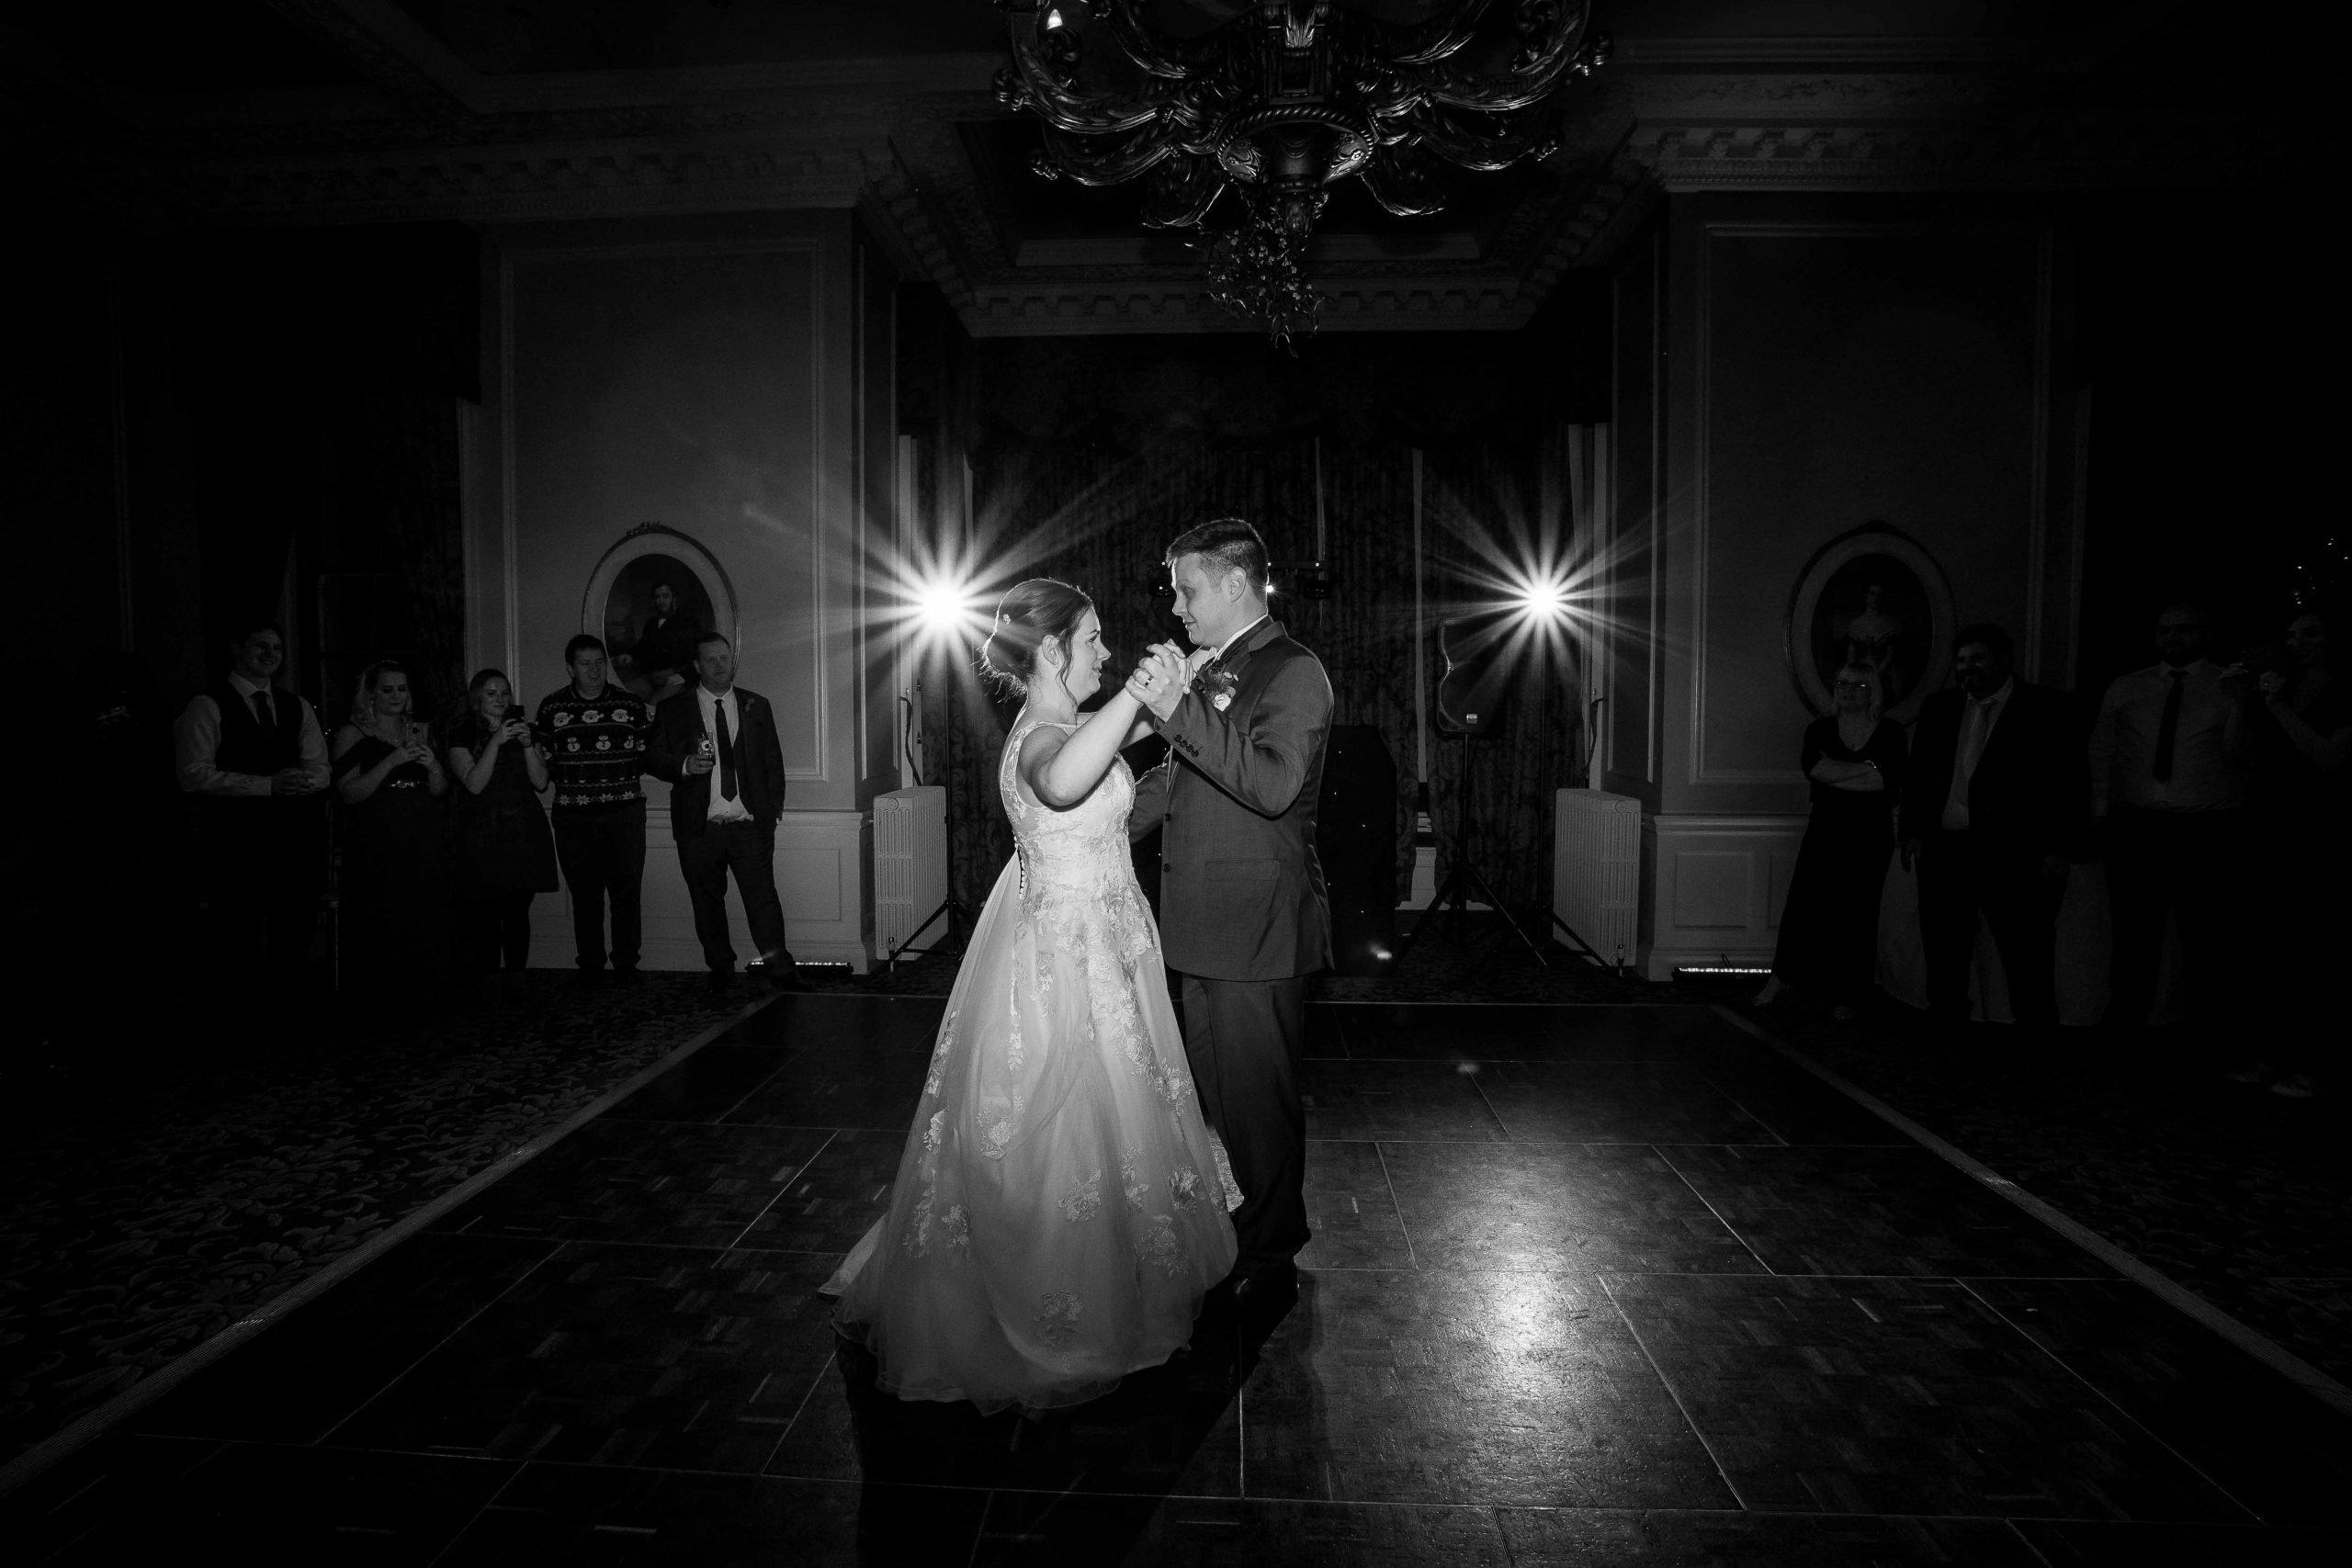 First Dance at Crathorne Hall